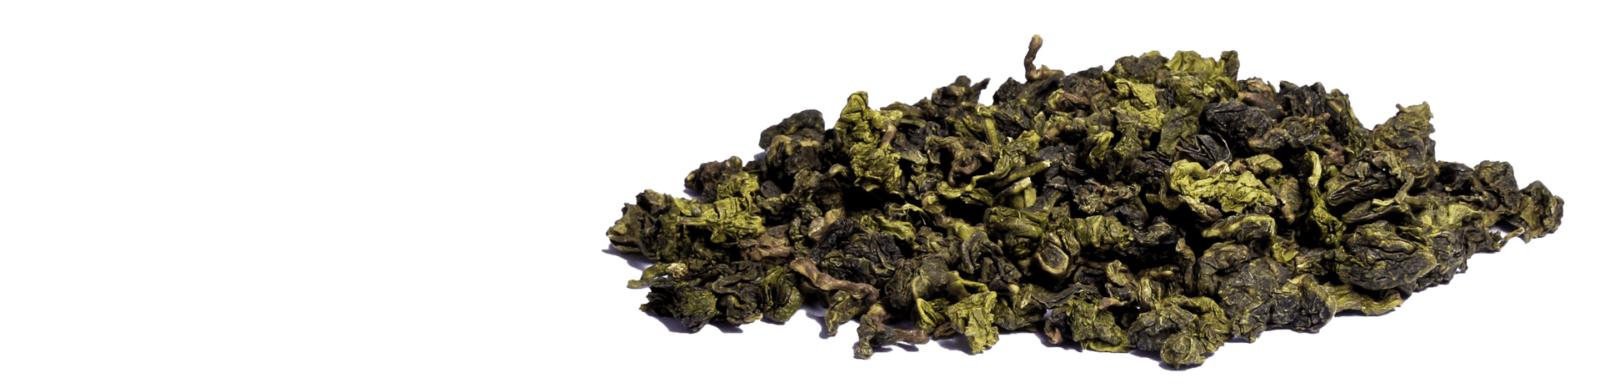 Вы можете купить оптом и в розницу премиальный Китайский чай зелёный улун Богиня милосердия Гуань Инь в нашем интернет-магазине со склада в Москве, выбрав по ФОТО или заказав пробник, от Чайной Компании Путь Чая с доставкой по РФ и странам ТС.